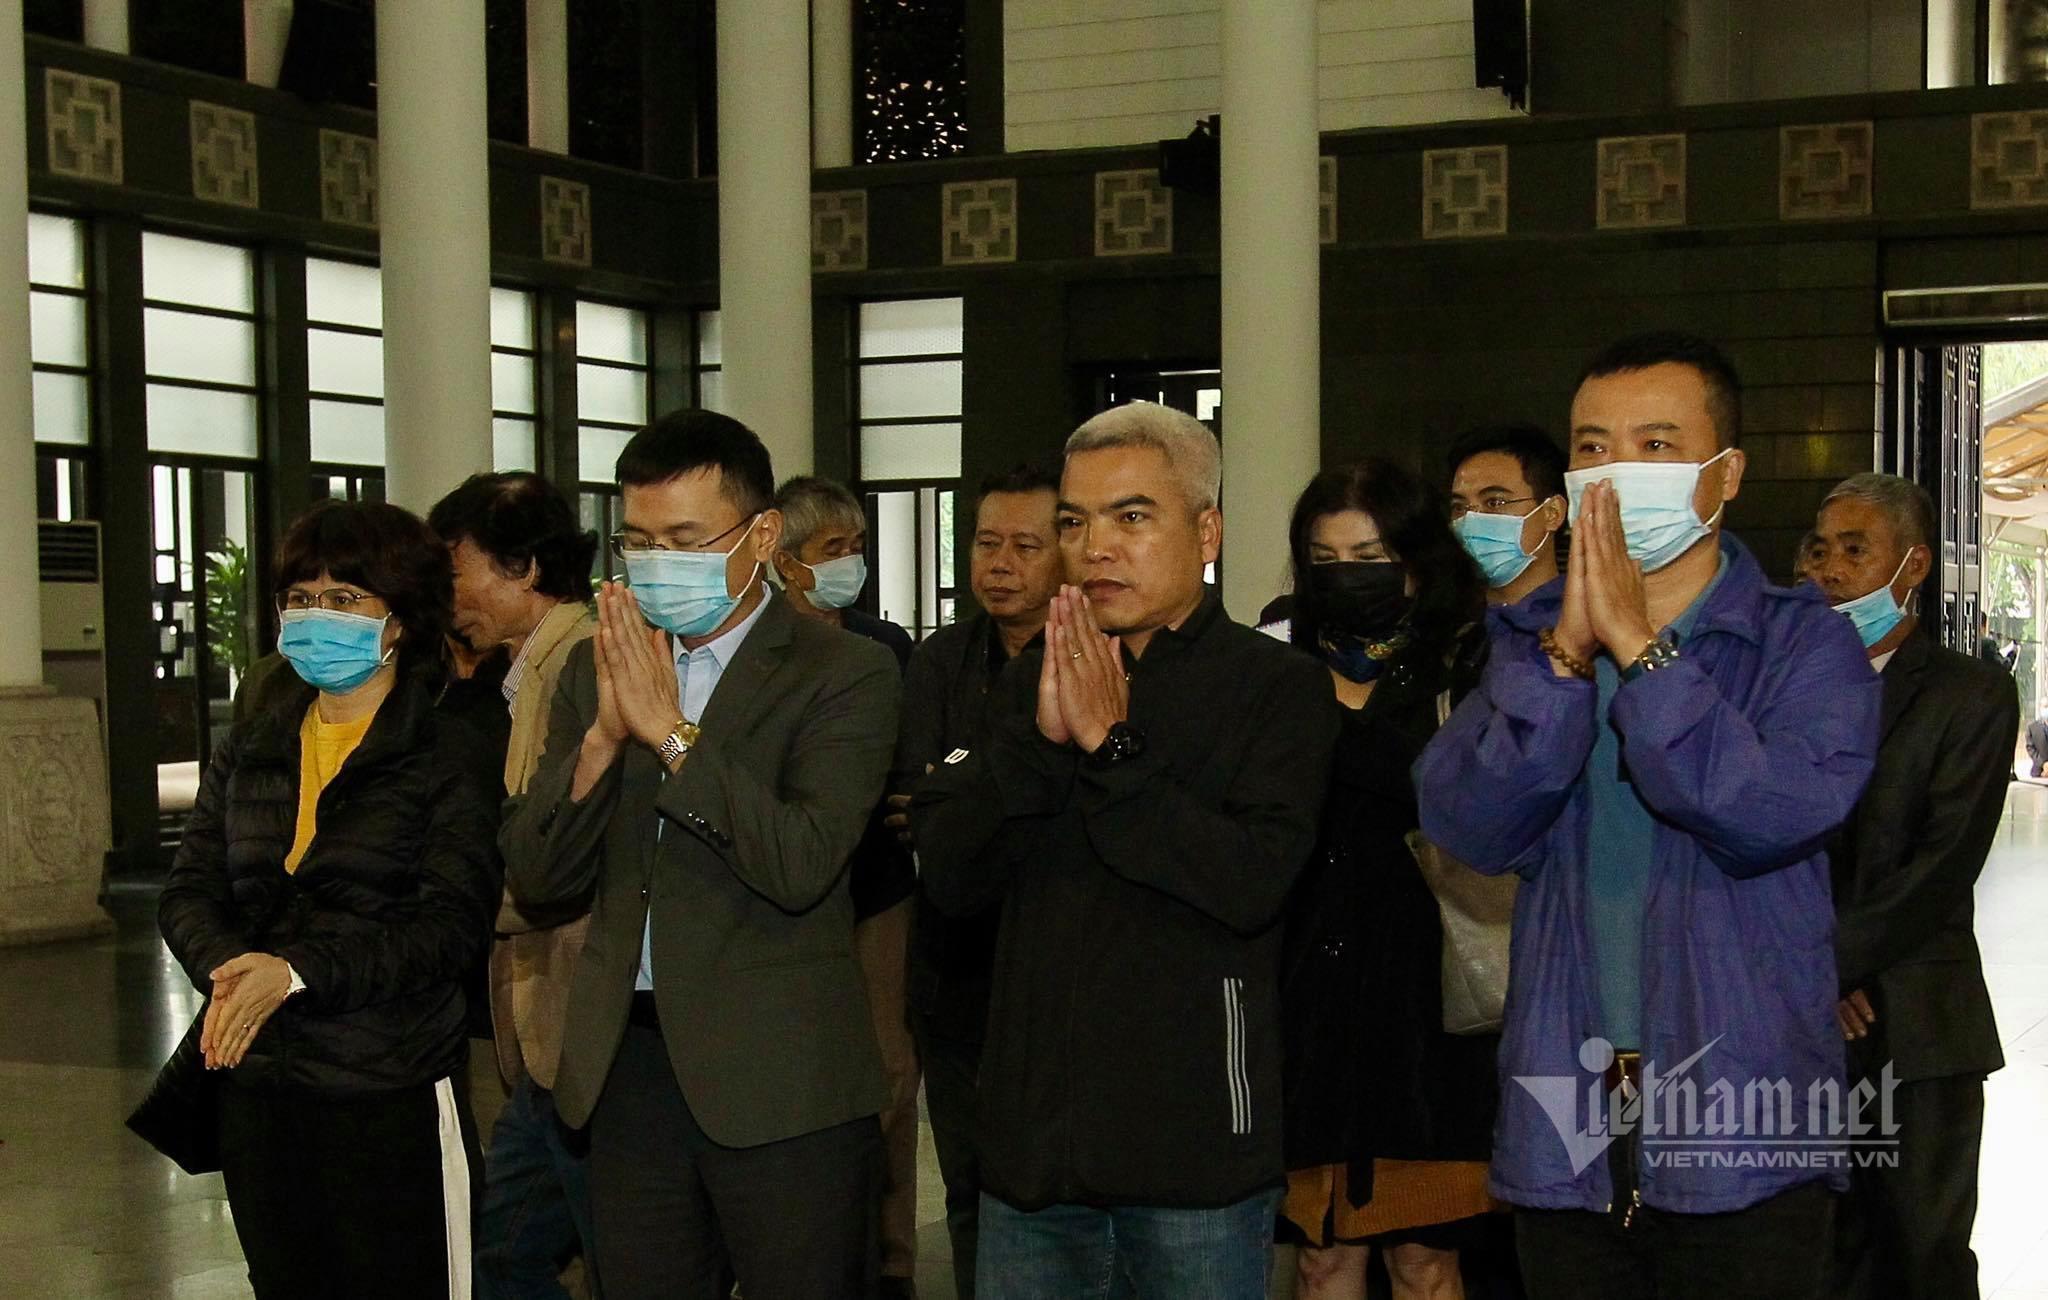 Nhiều nghệ sĩ đến tiễn biệt nhạc sĩ Văn Ký, tác giả 'Bài ca hy vọng'